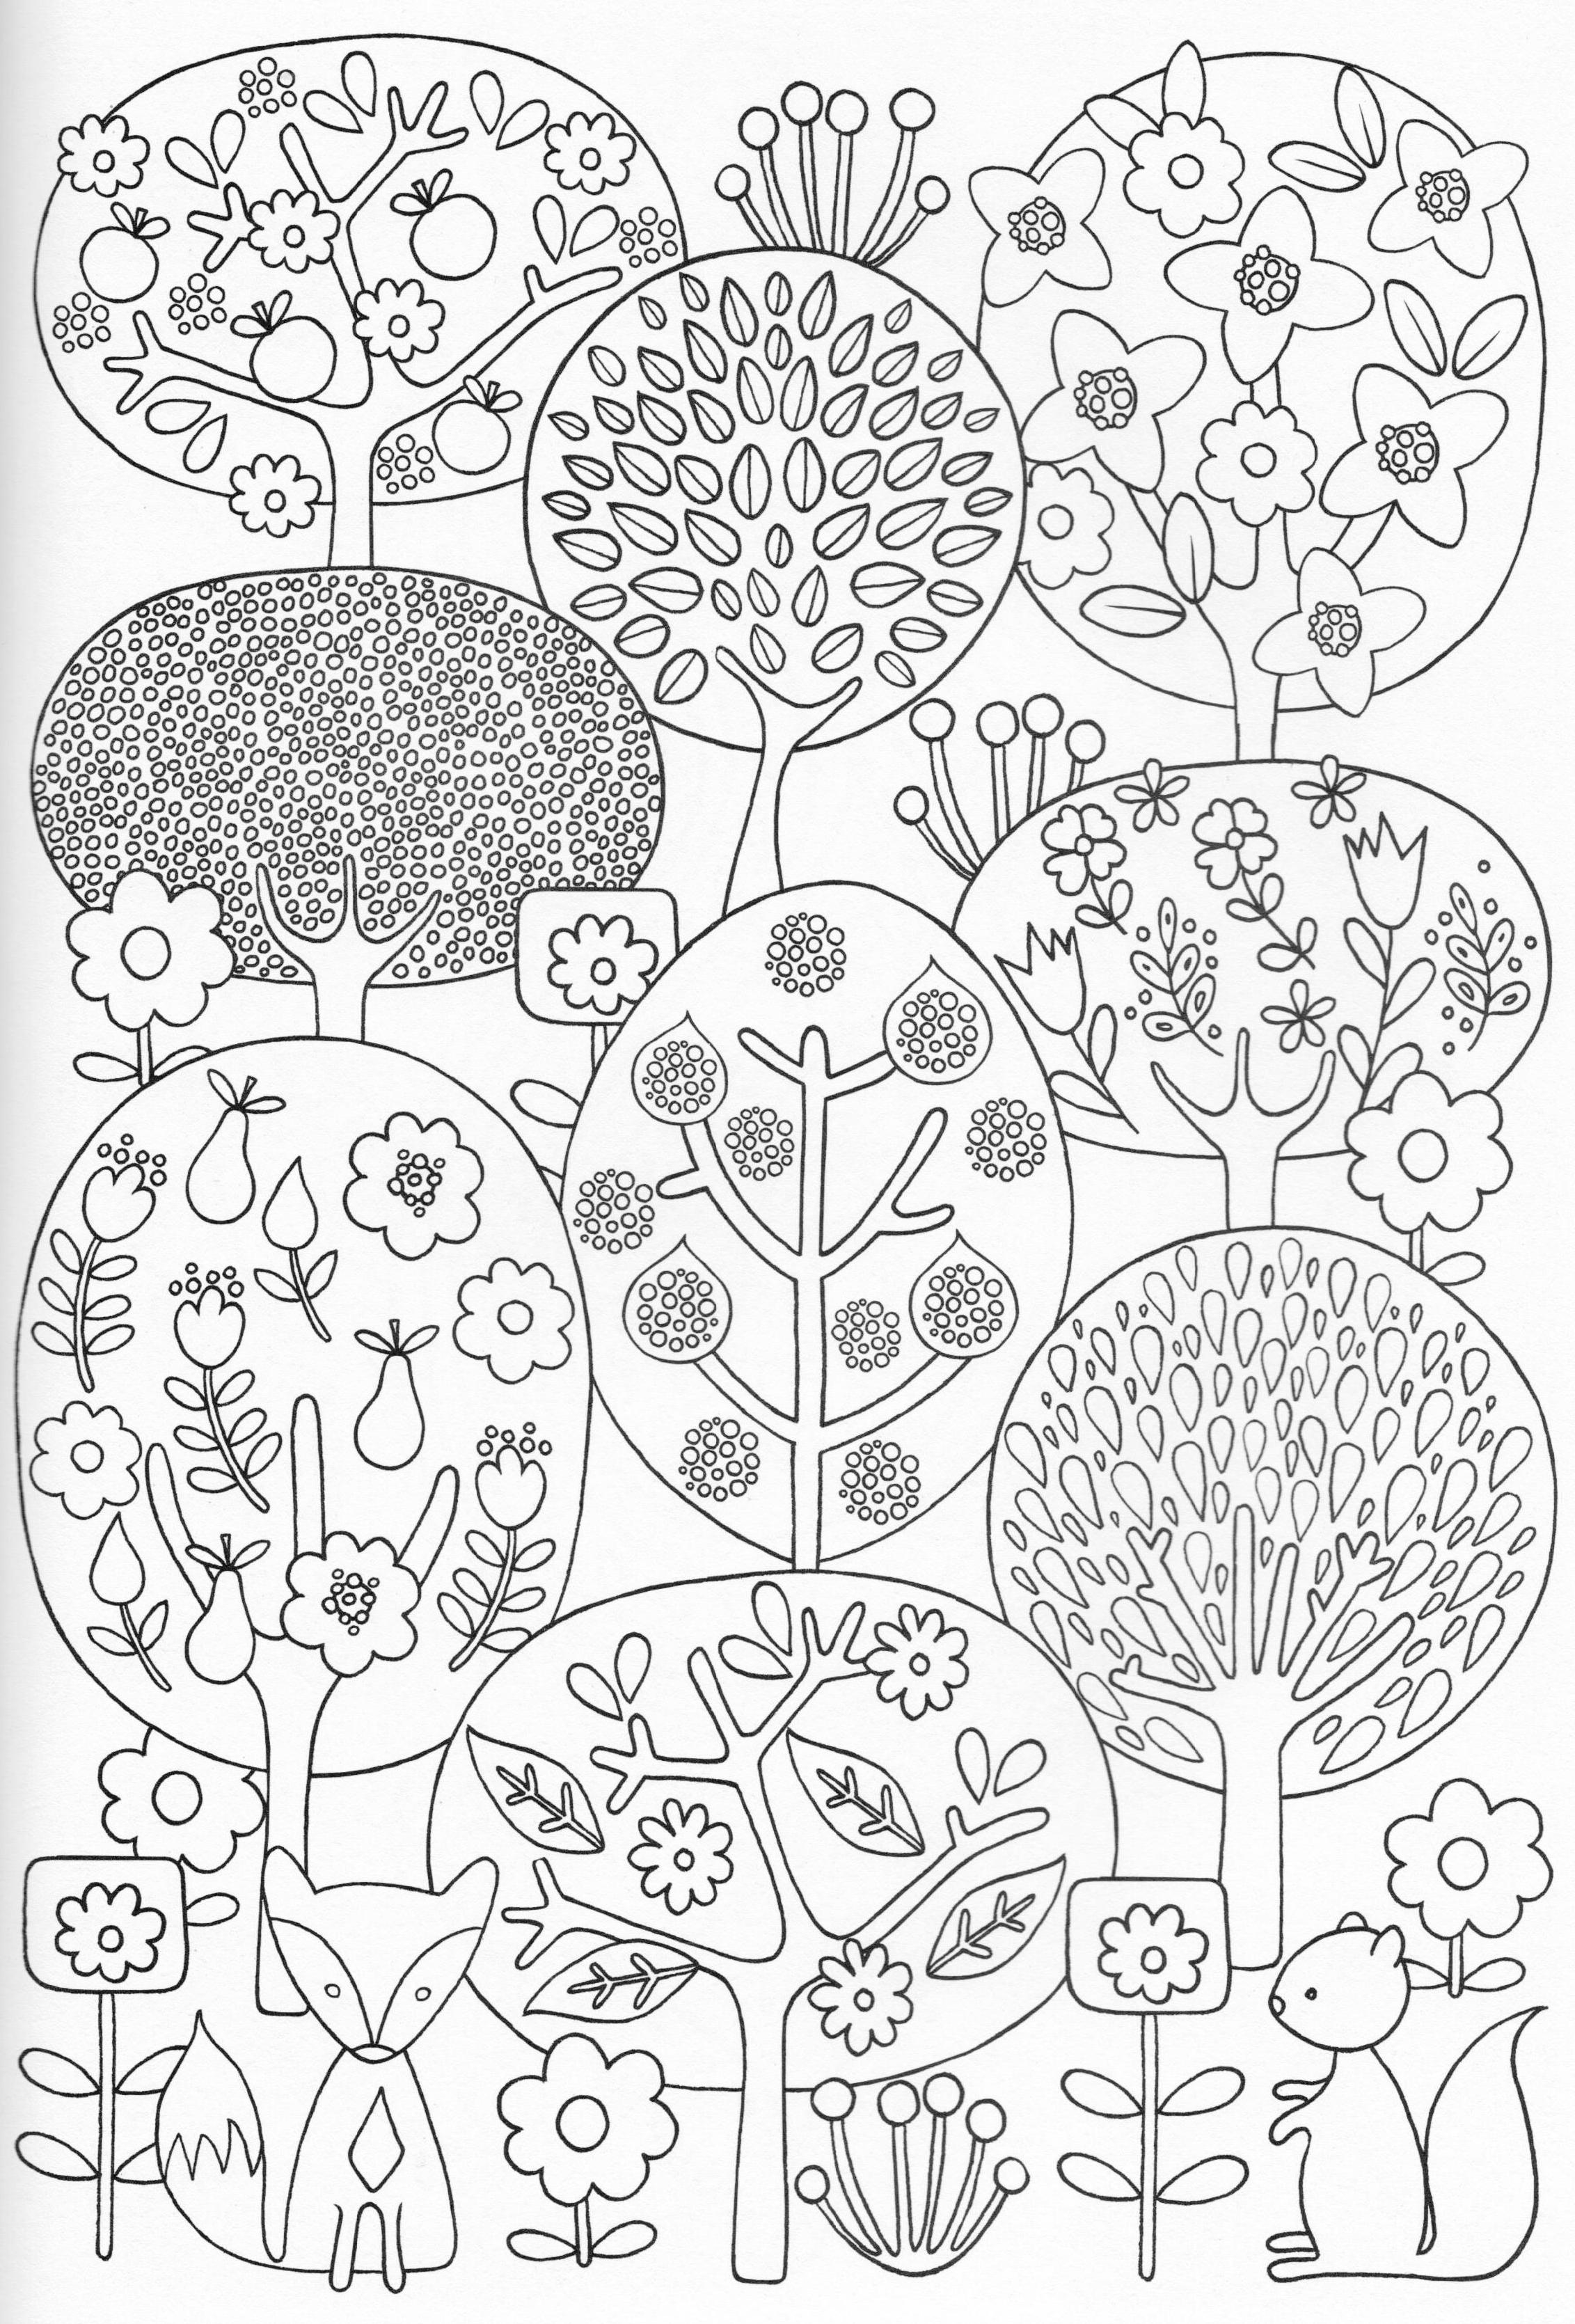 149 DIBUJOS Para IMPRIMIR, Colorear o Pintar para Niños Y Niñas ...